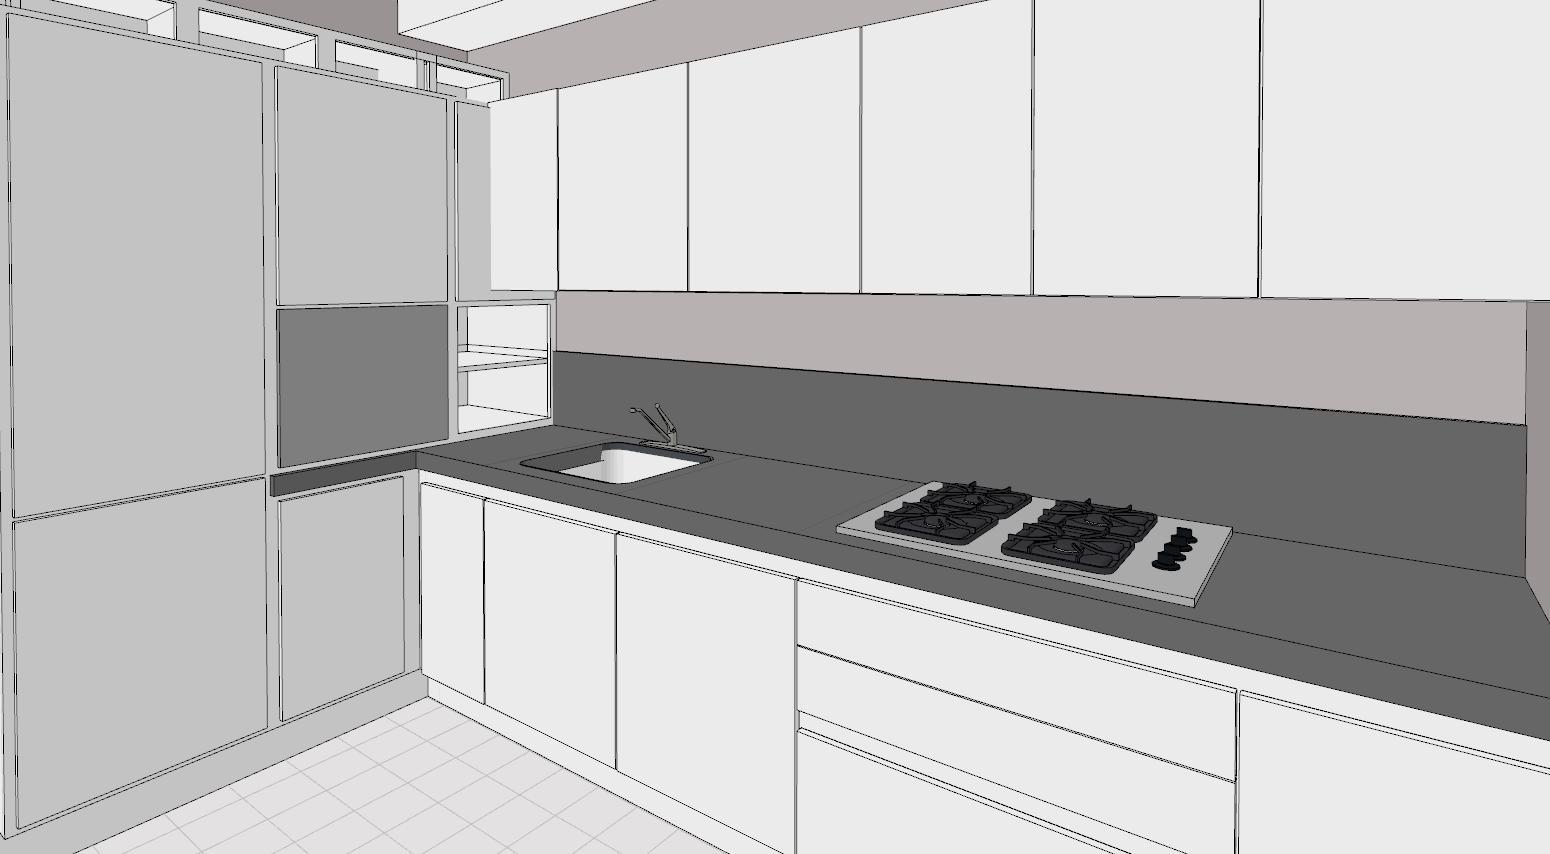 Cucine Componibili Con Angolo 6 domande frequenti sulle cucine - lineatre - kucita - gli